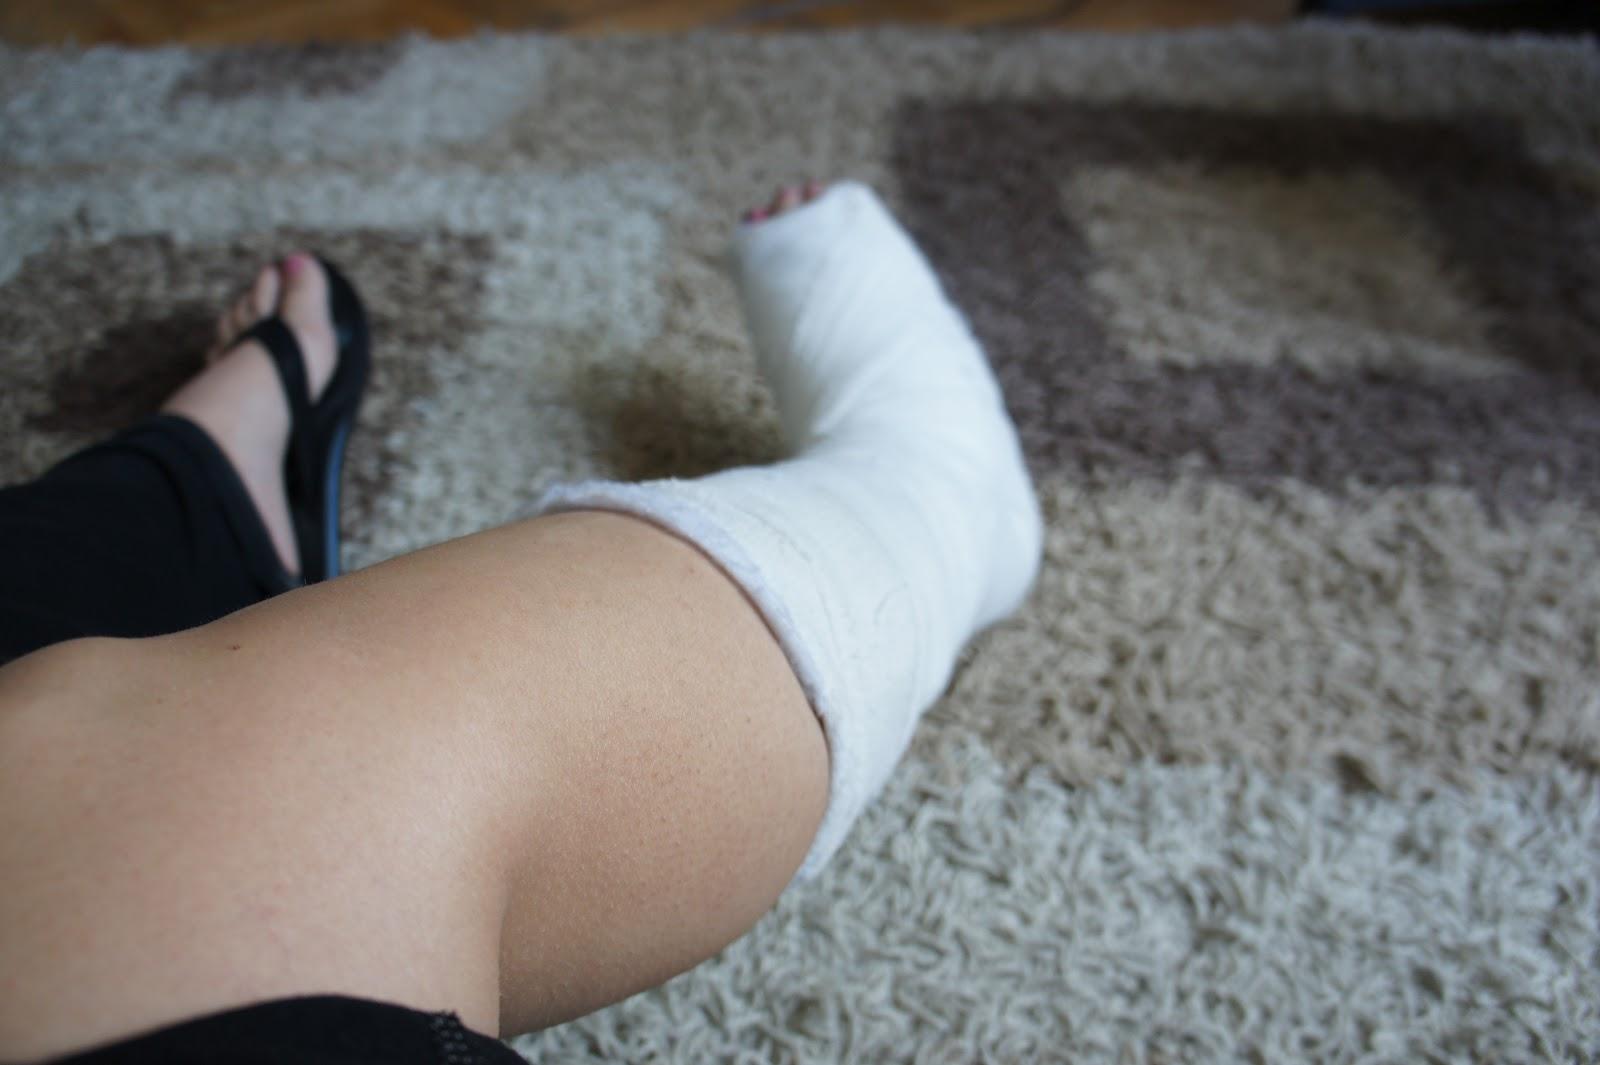 leziuni în interiorul genunchiului artrite idiopatica juvenila